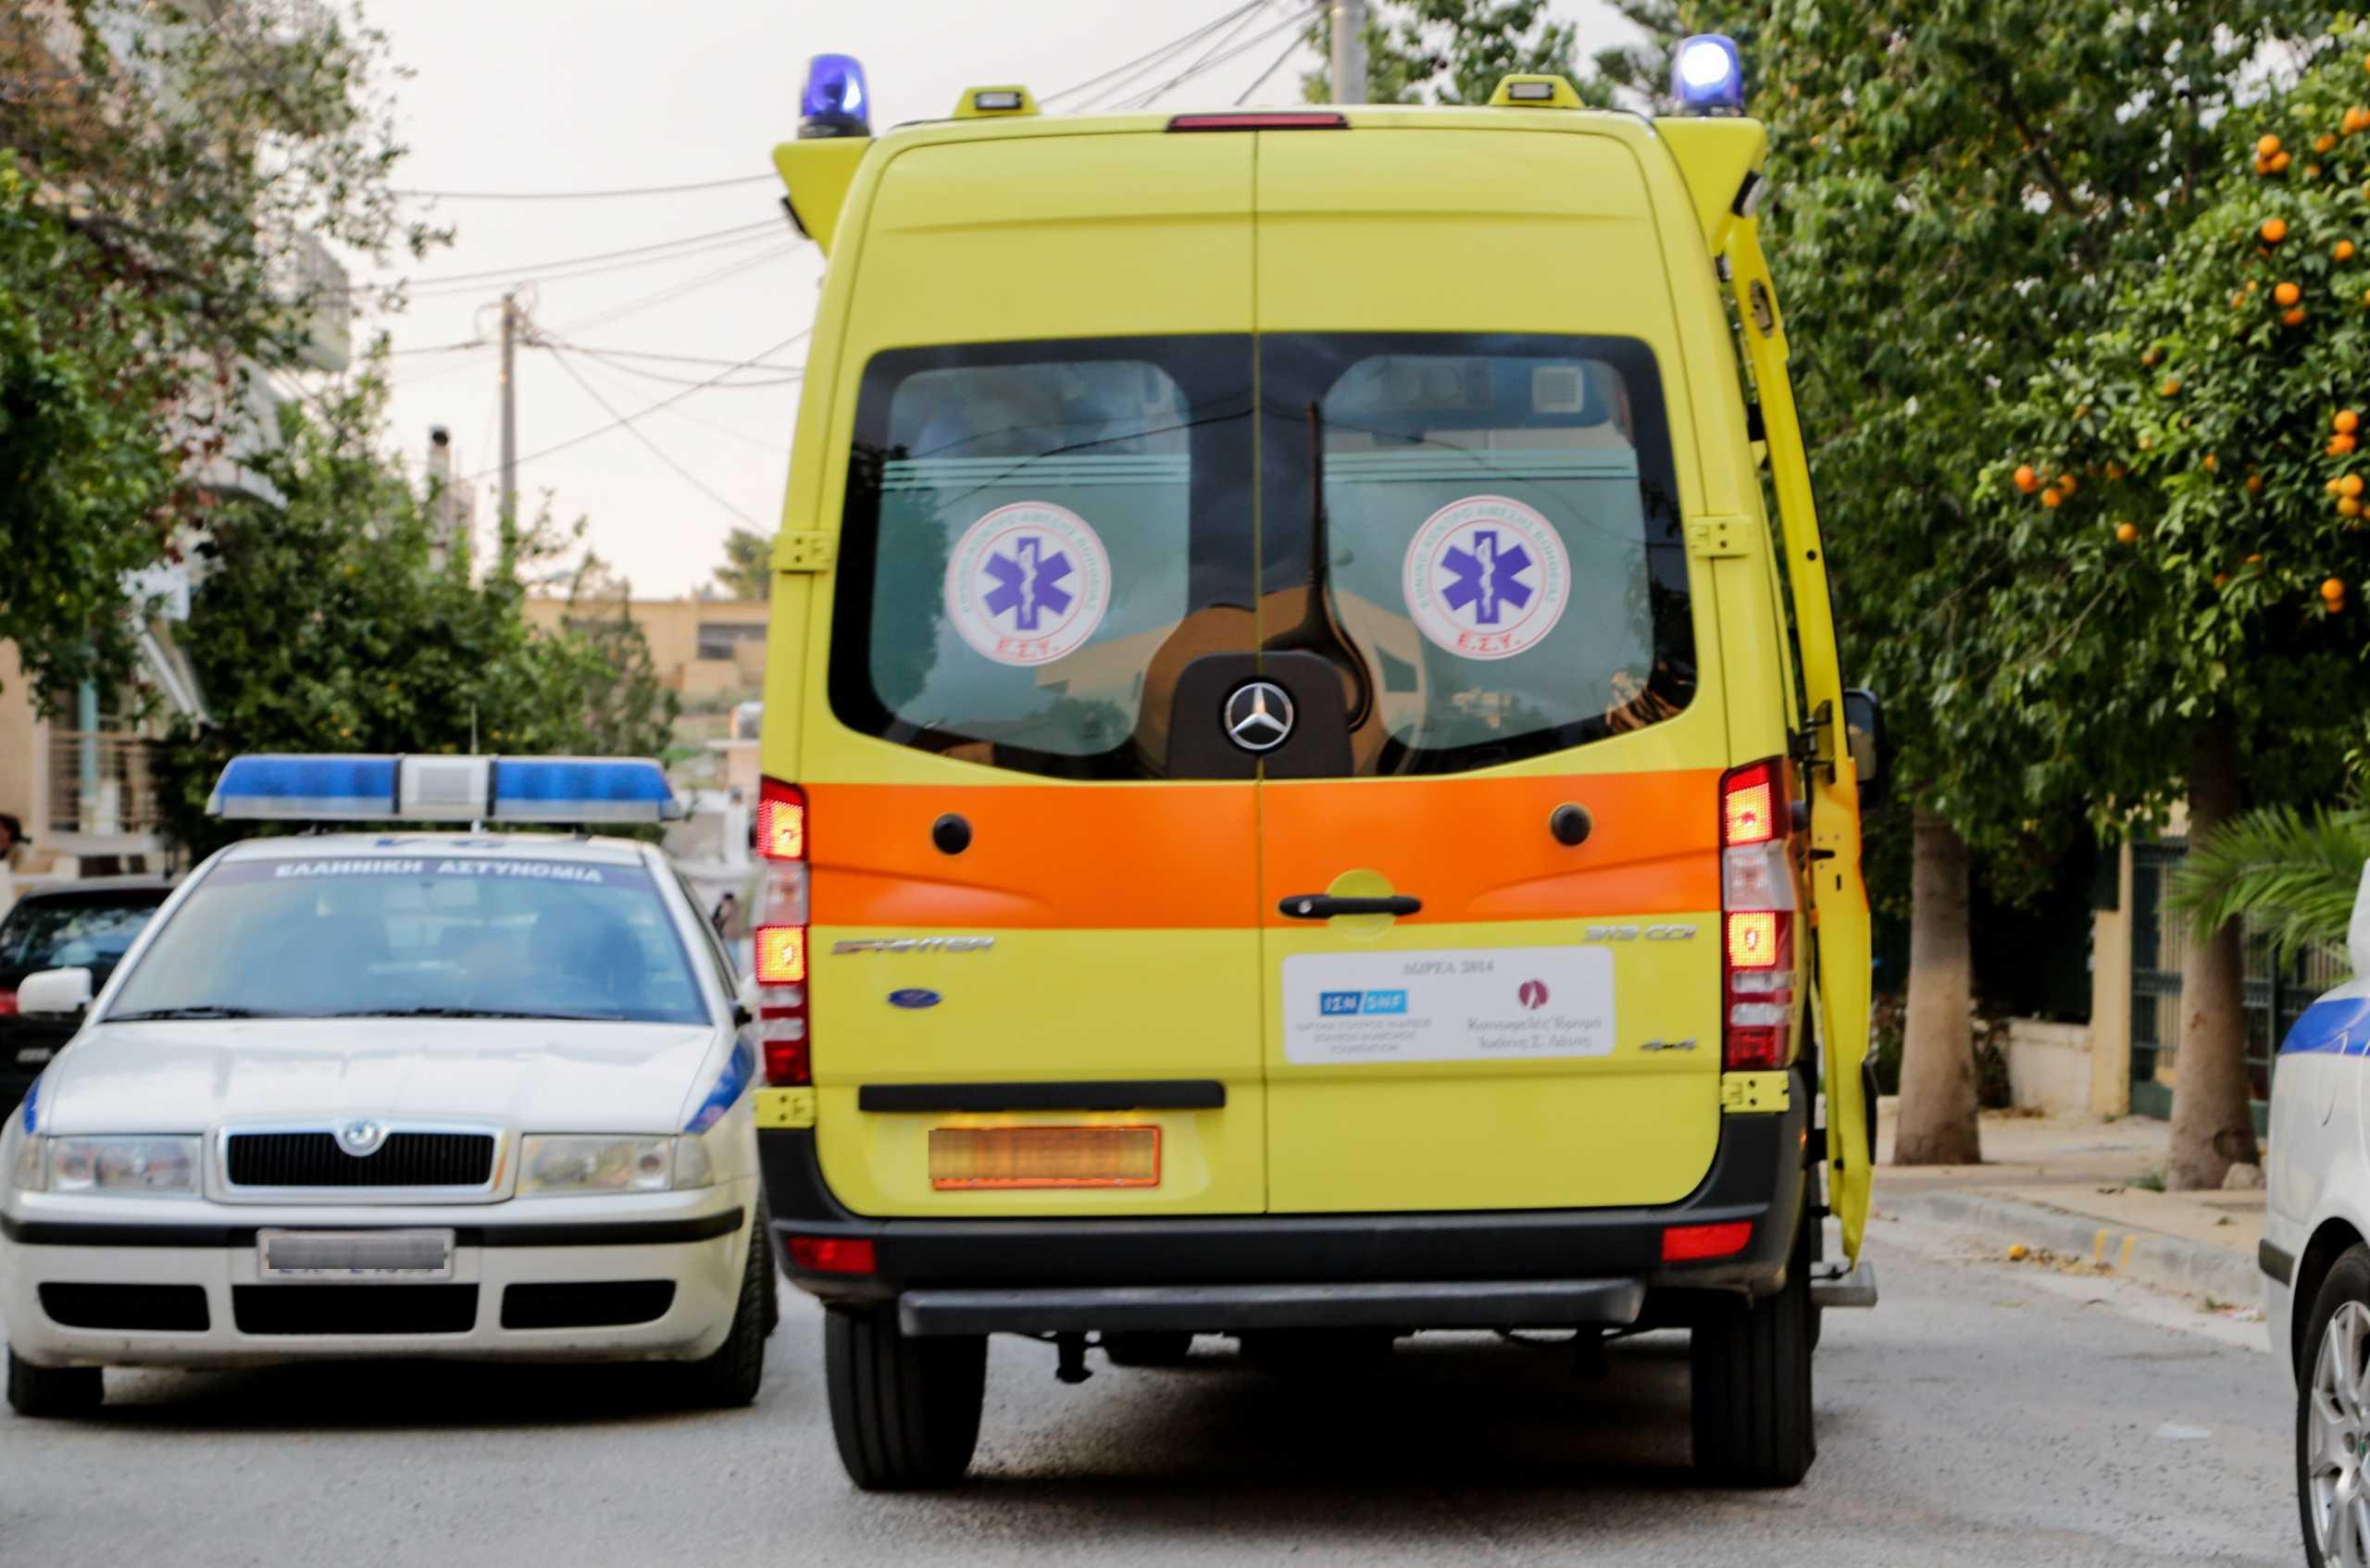 Ρόδος: Νεκρή μία γυναίκα από πυροβολισμούς